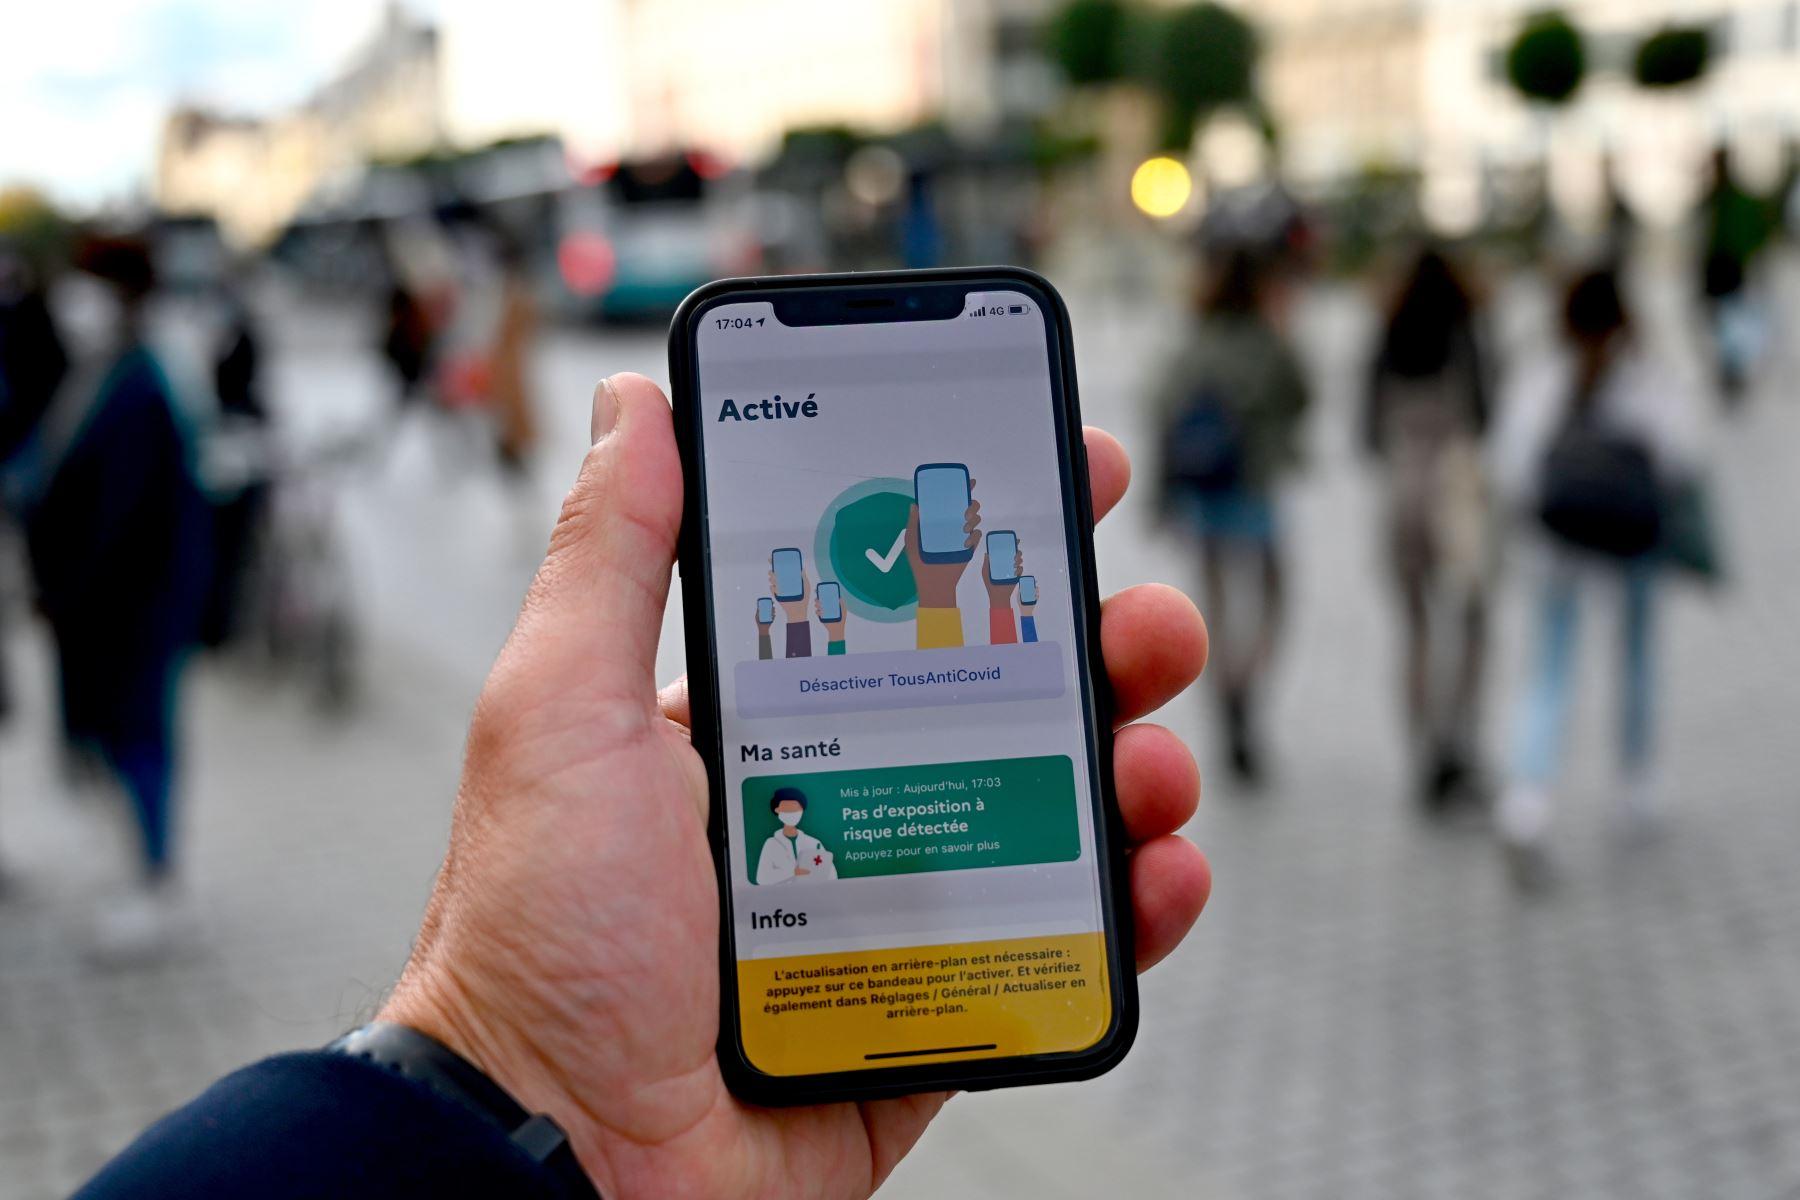 """Una persona sostiene un teléfono inteligente que muestra la nueva aplicación """"TousAntiCovid"""" en Rennes, oeste de Francia, ya que varios departamentos se pusieron en """"alerta máxima"""" y se implementaron nuevas medidas de toque de queda para frenar la propagación del Covid. -19  Foto: AFP"""